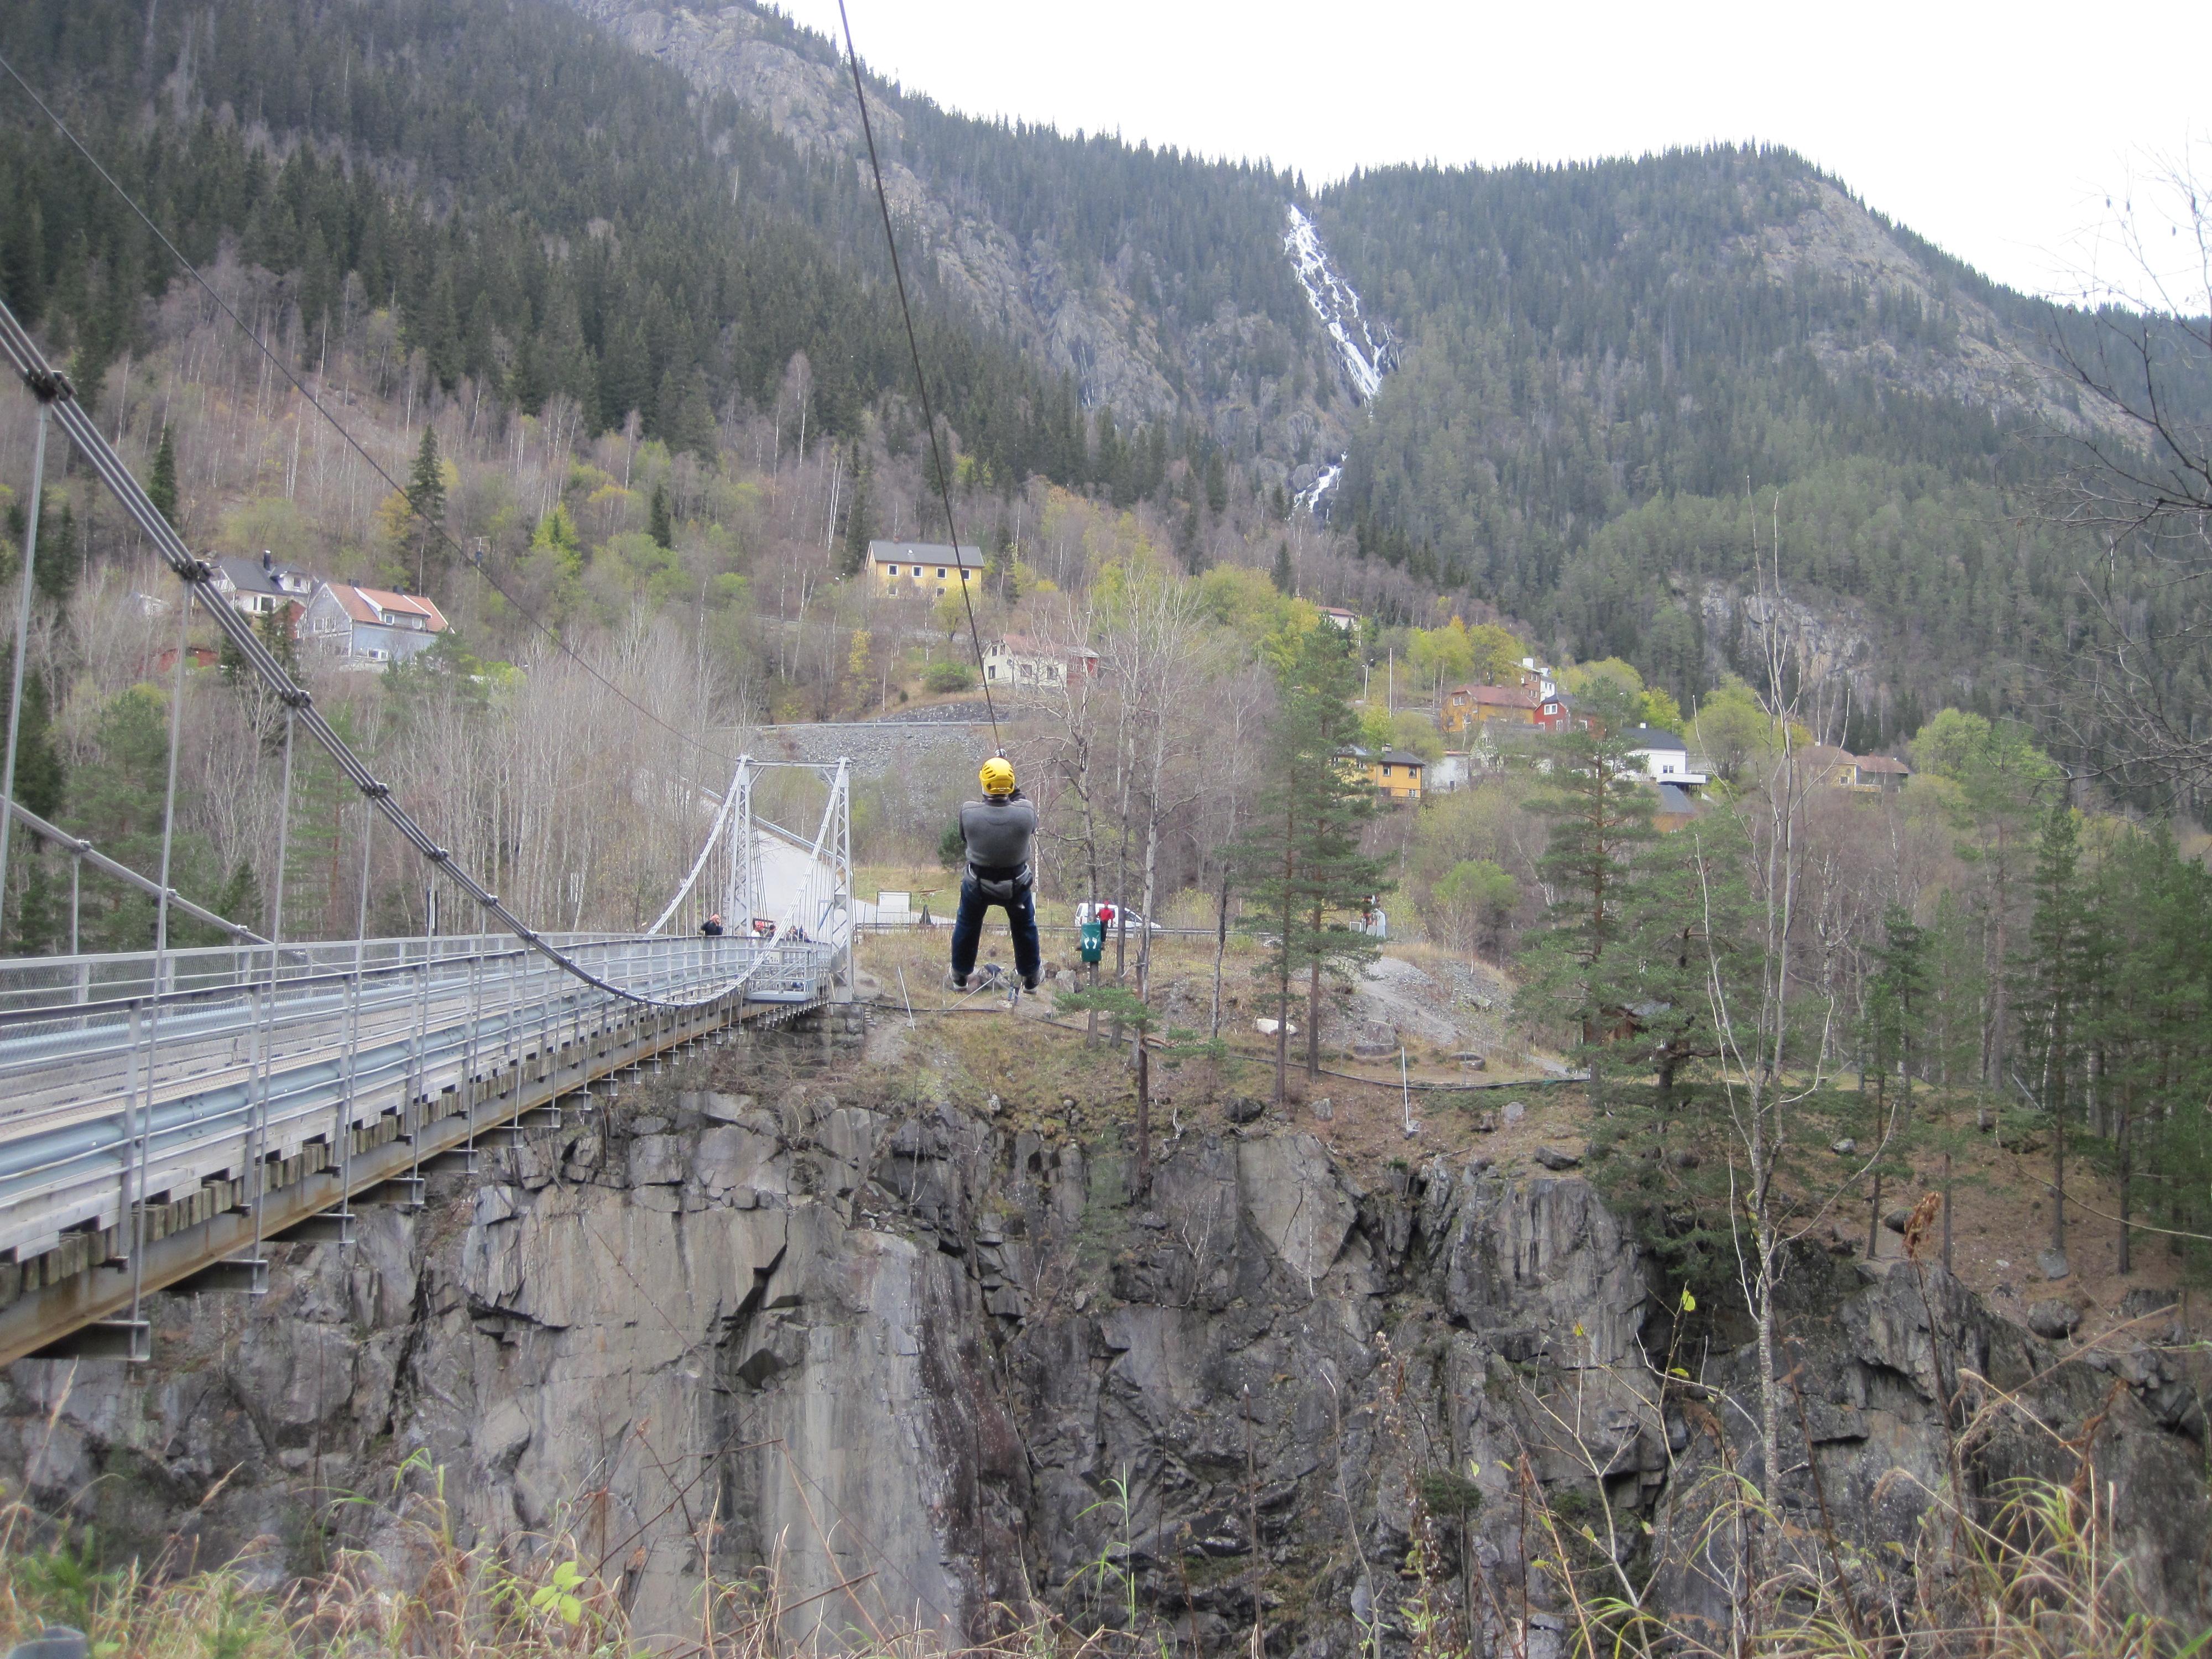 Telemark Opplevelser arrangerer Norges høyeste Zip-line på tvers av Vemorksbrua! , © Telemark Opplevelser